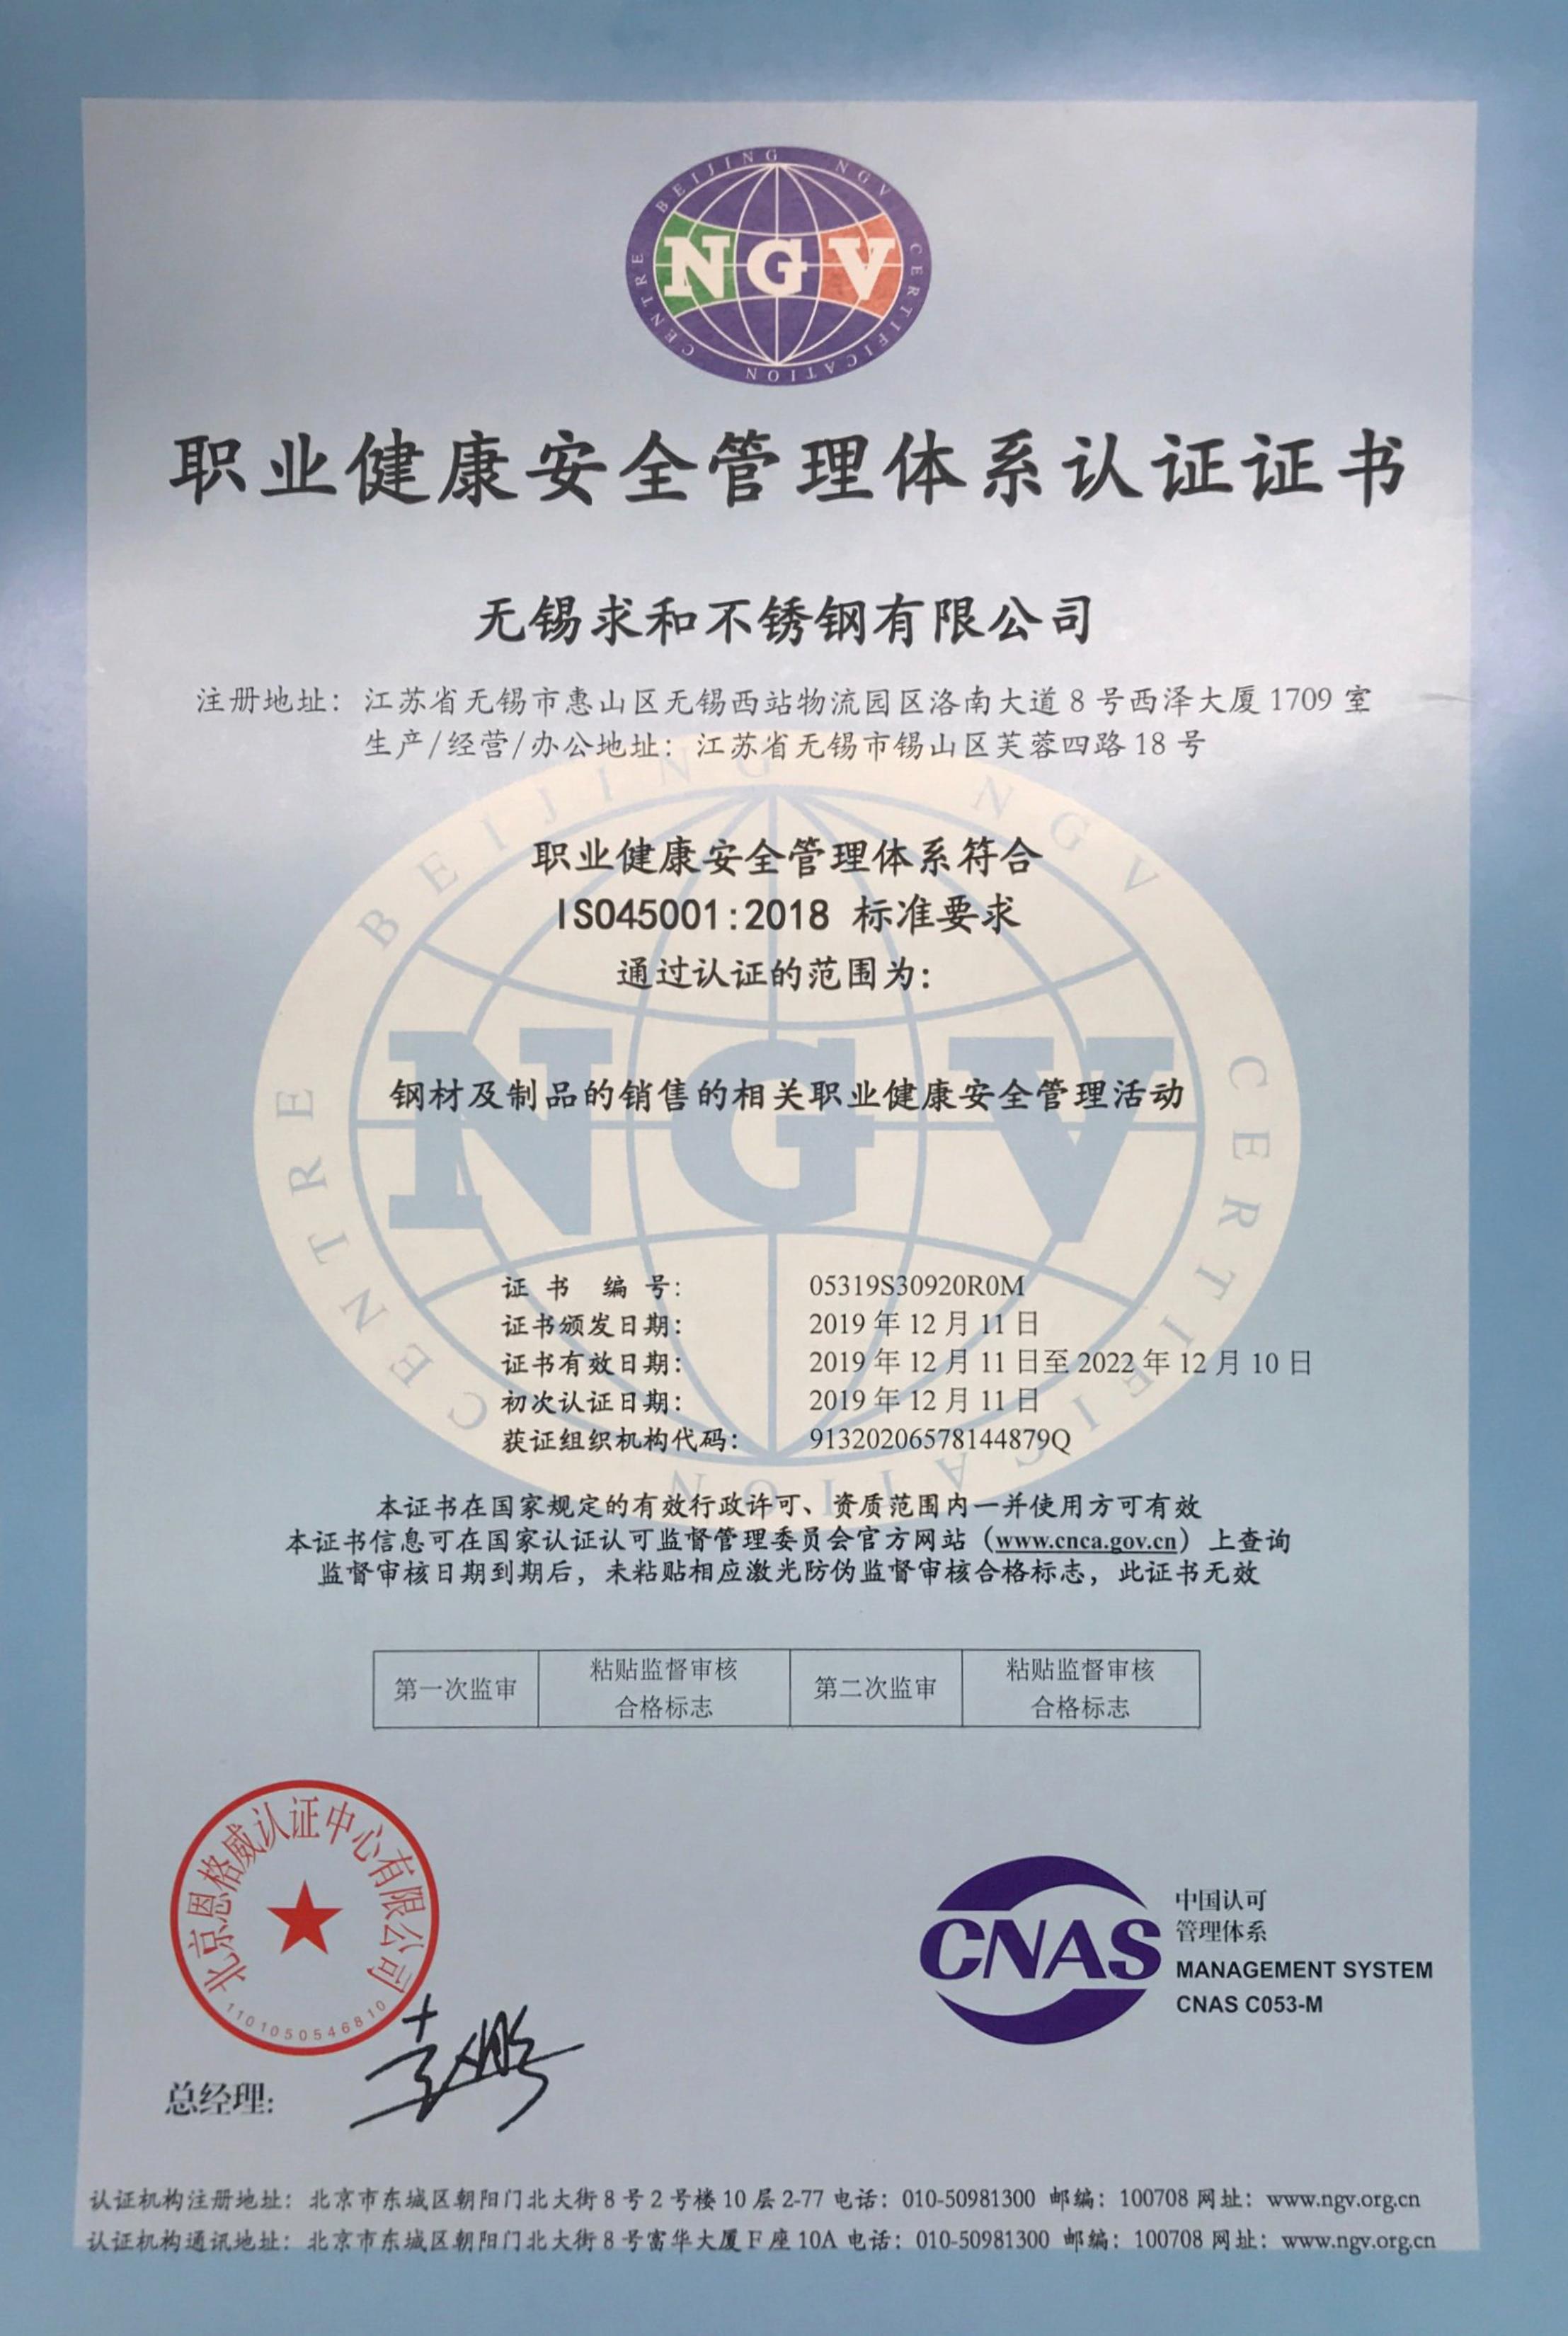 职业健康安全管理体系IS045001